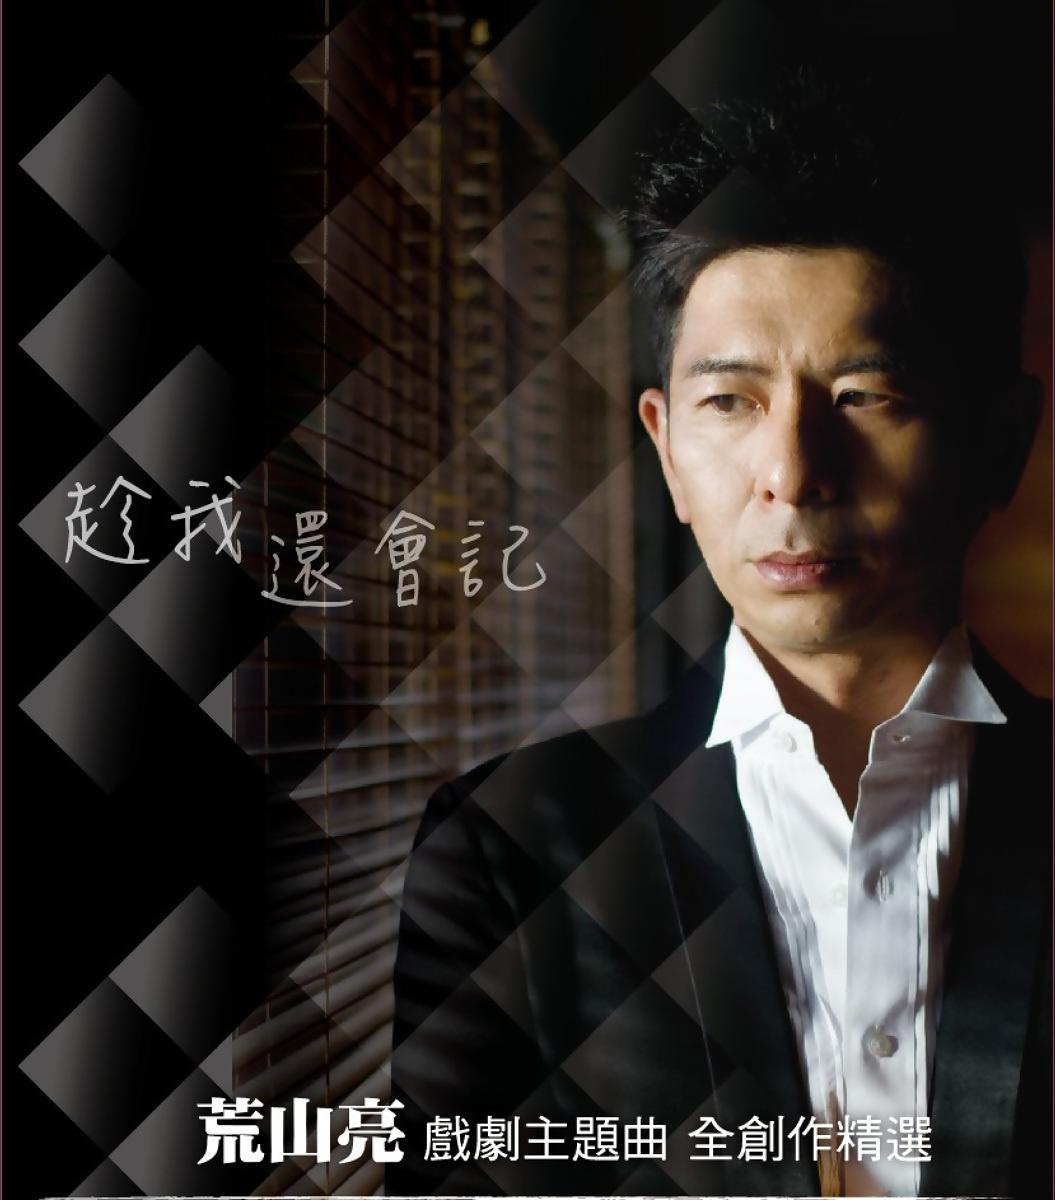 荒山亮-趁我还会记[2013]